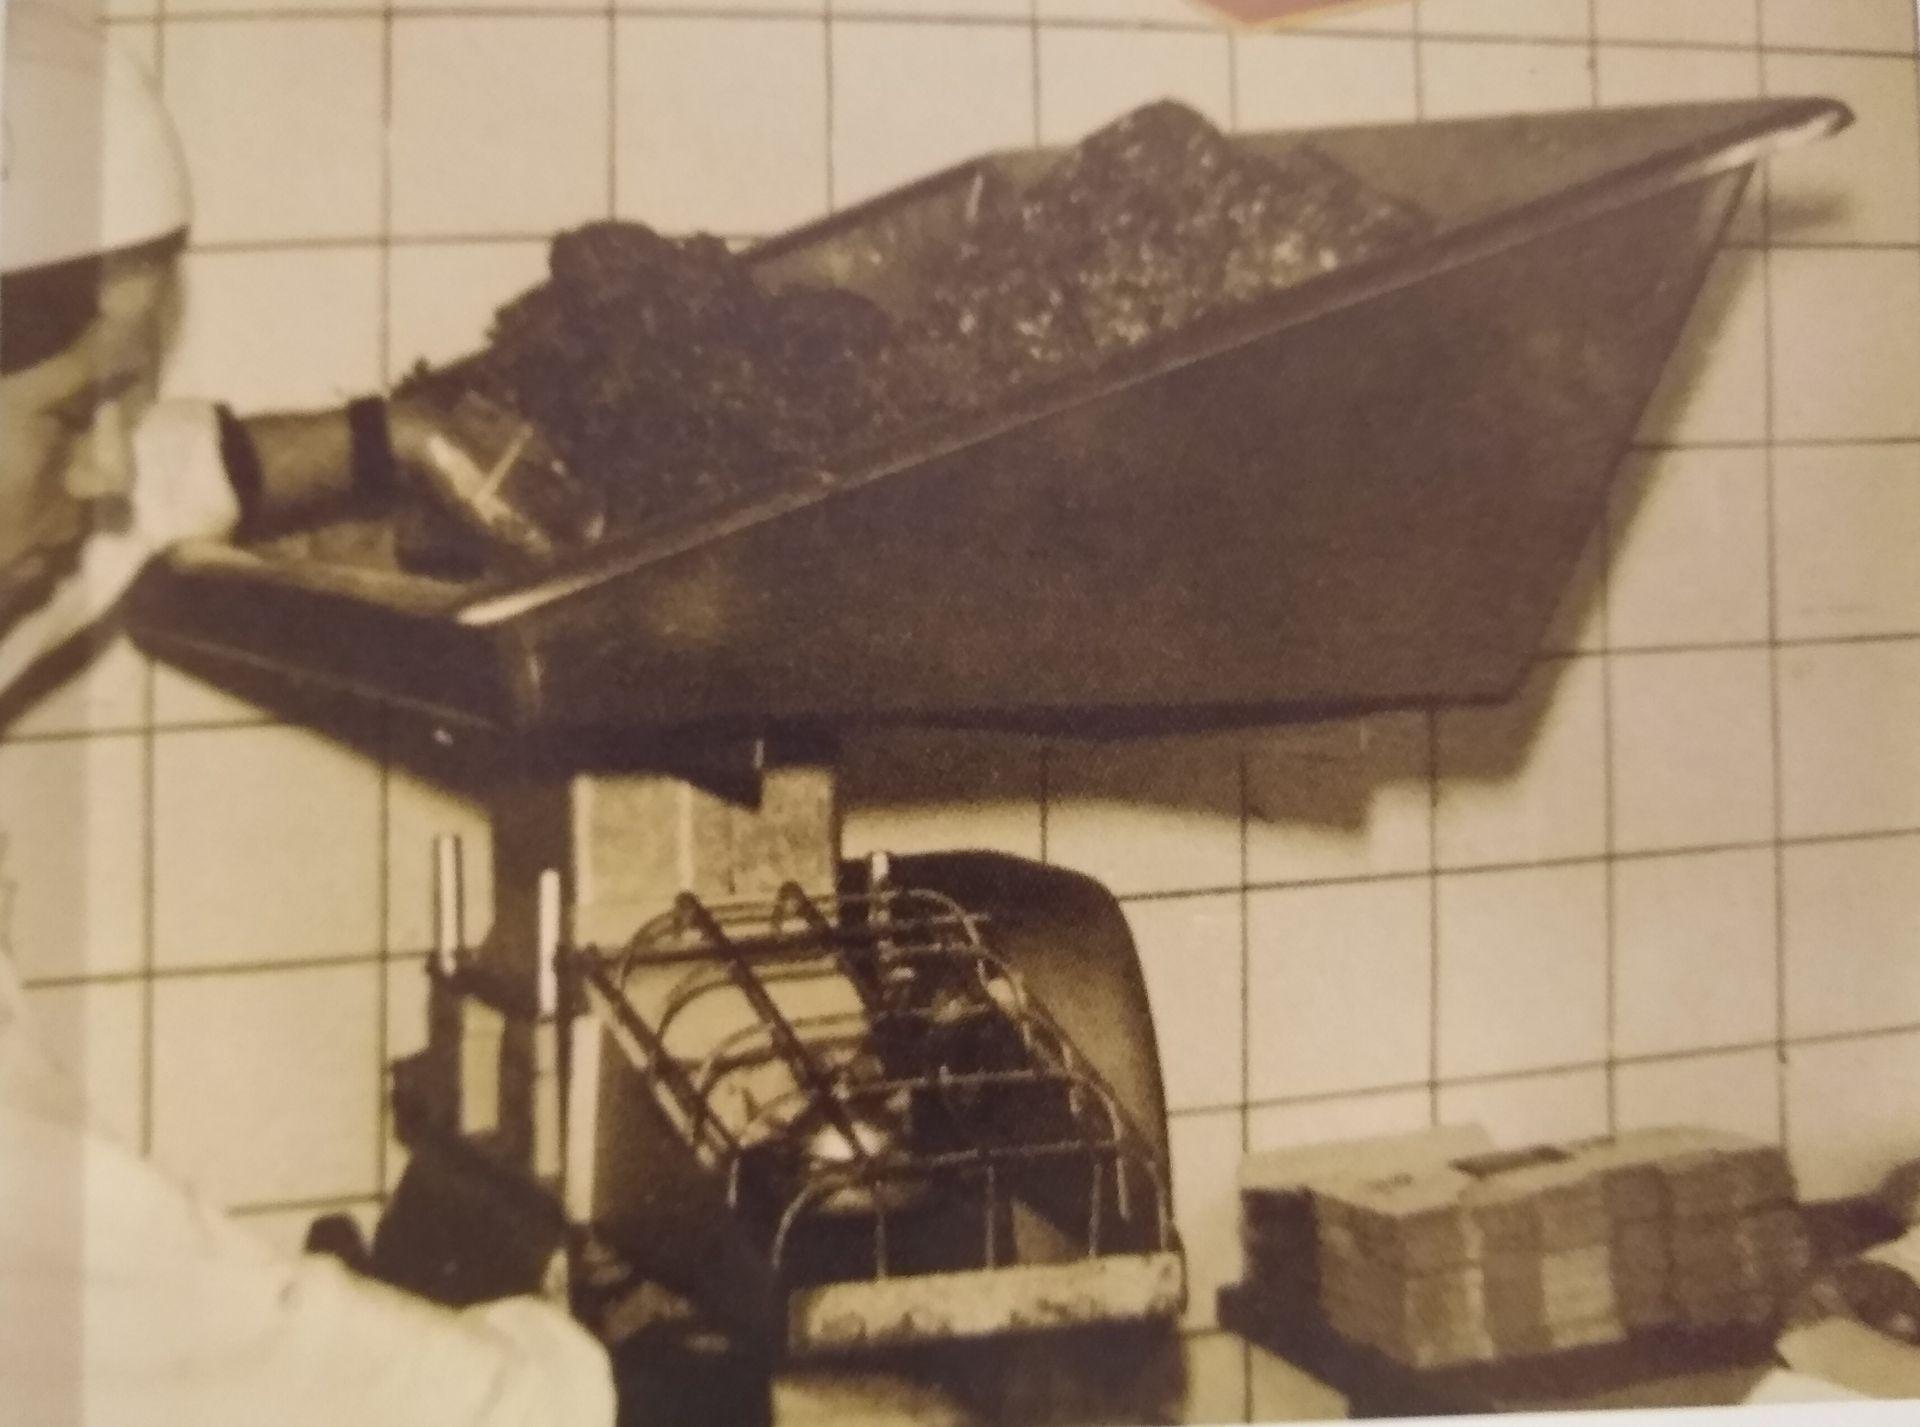 """La  Hollymatic 1200 que trajo Lowenstein desde Estados Unidos en 1960. Esa máquina produjo las primeras hamburguesas industriales de Argentina. Su capacidad de producción era de 1200 """"patties"""" por hora."""